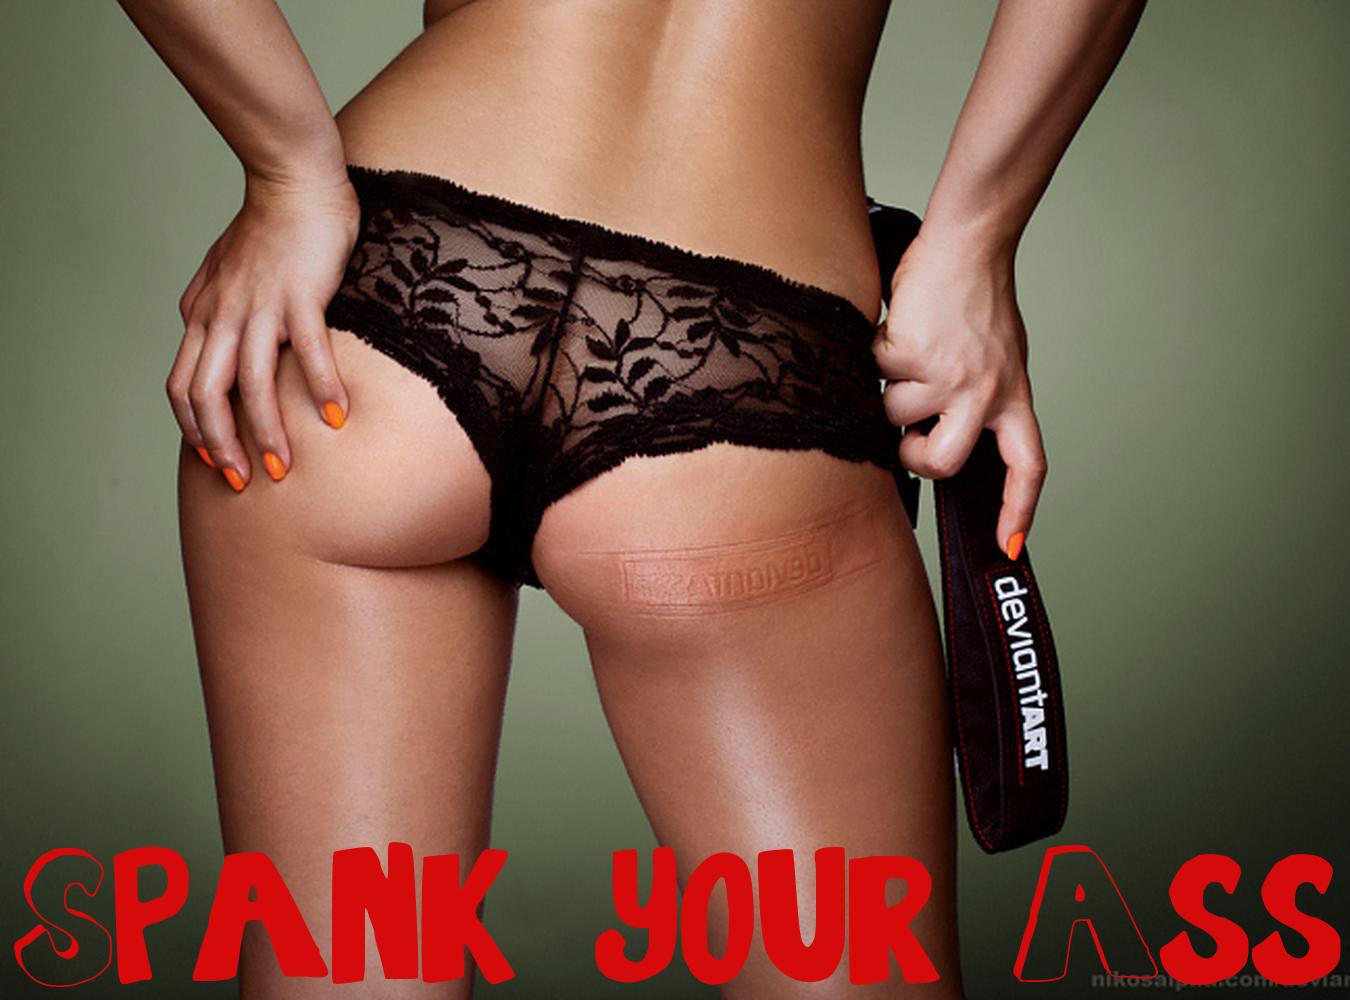 Sexy naked redhead pics